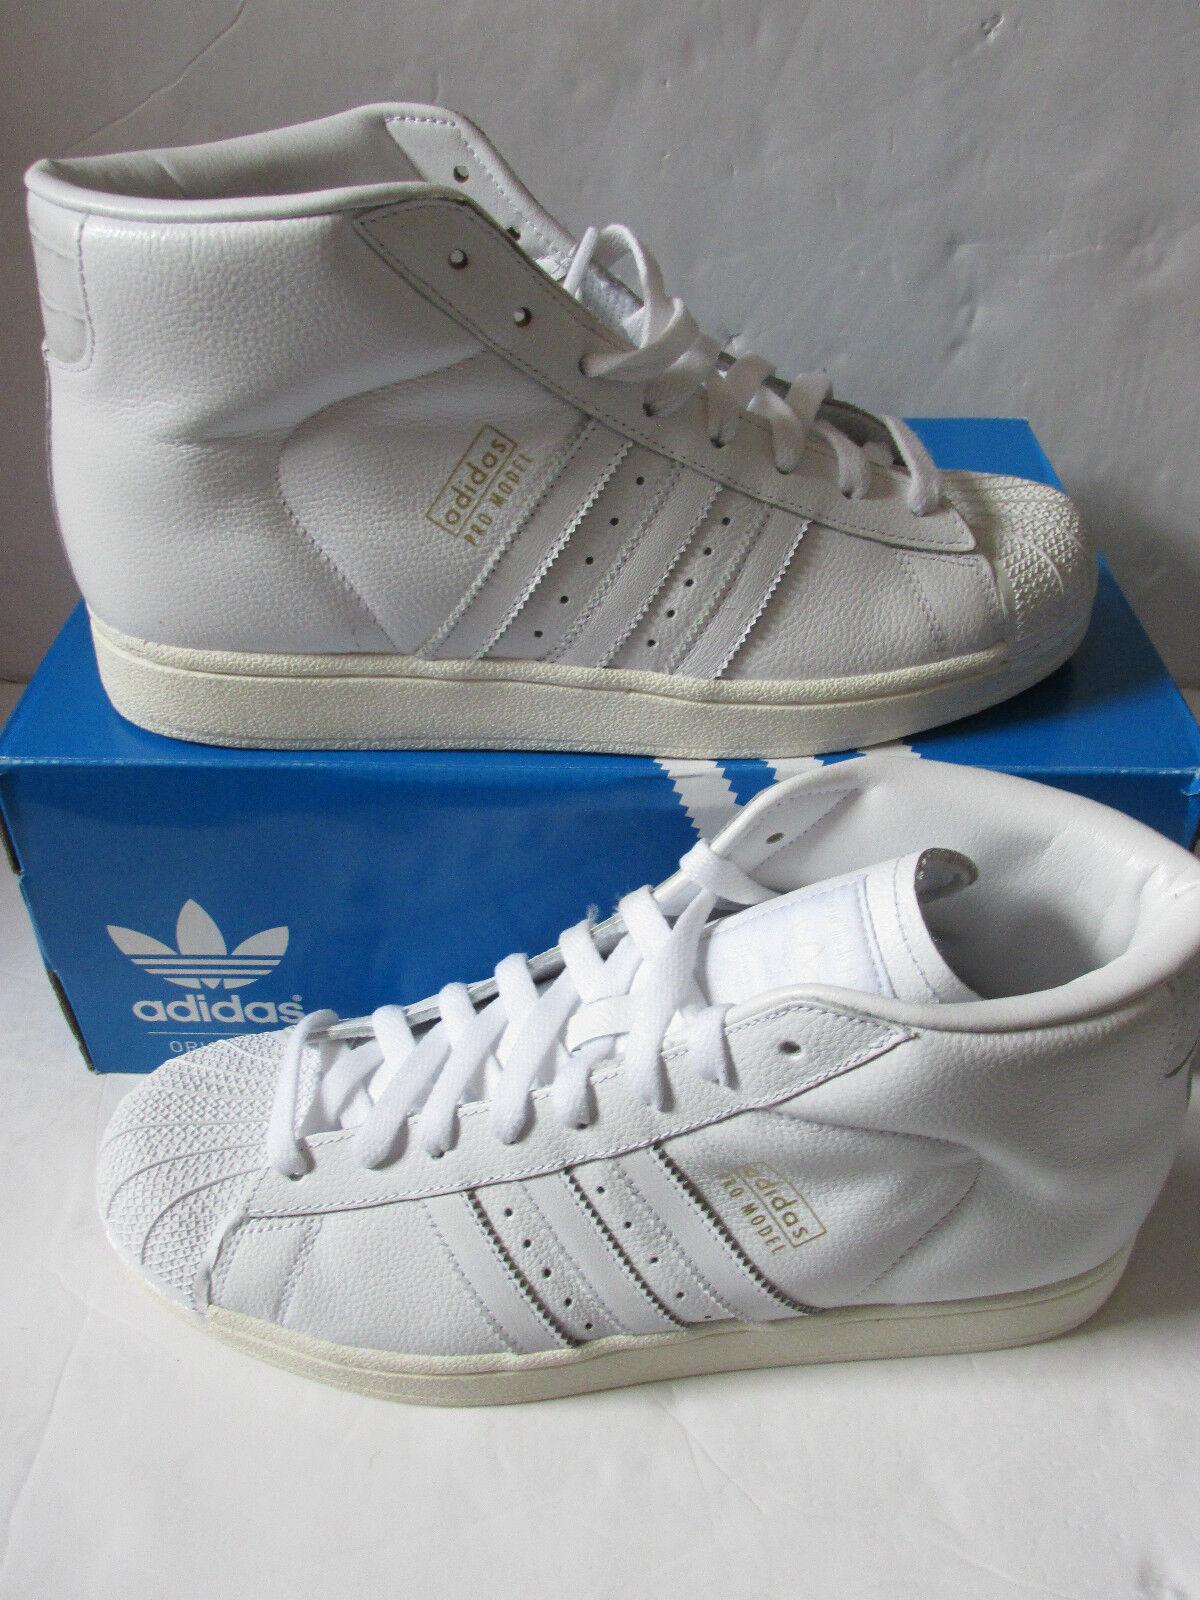 Adidas Originals para hombre PRO modelo B25424 B25424 modelo Corriendo Zapatos Zapatillas Hi Tops 219859